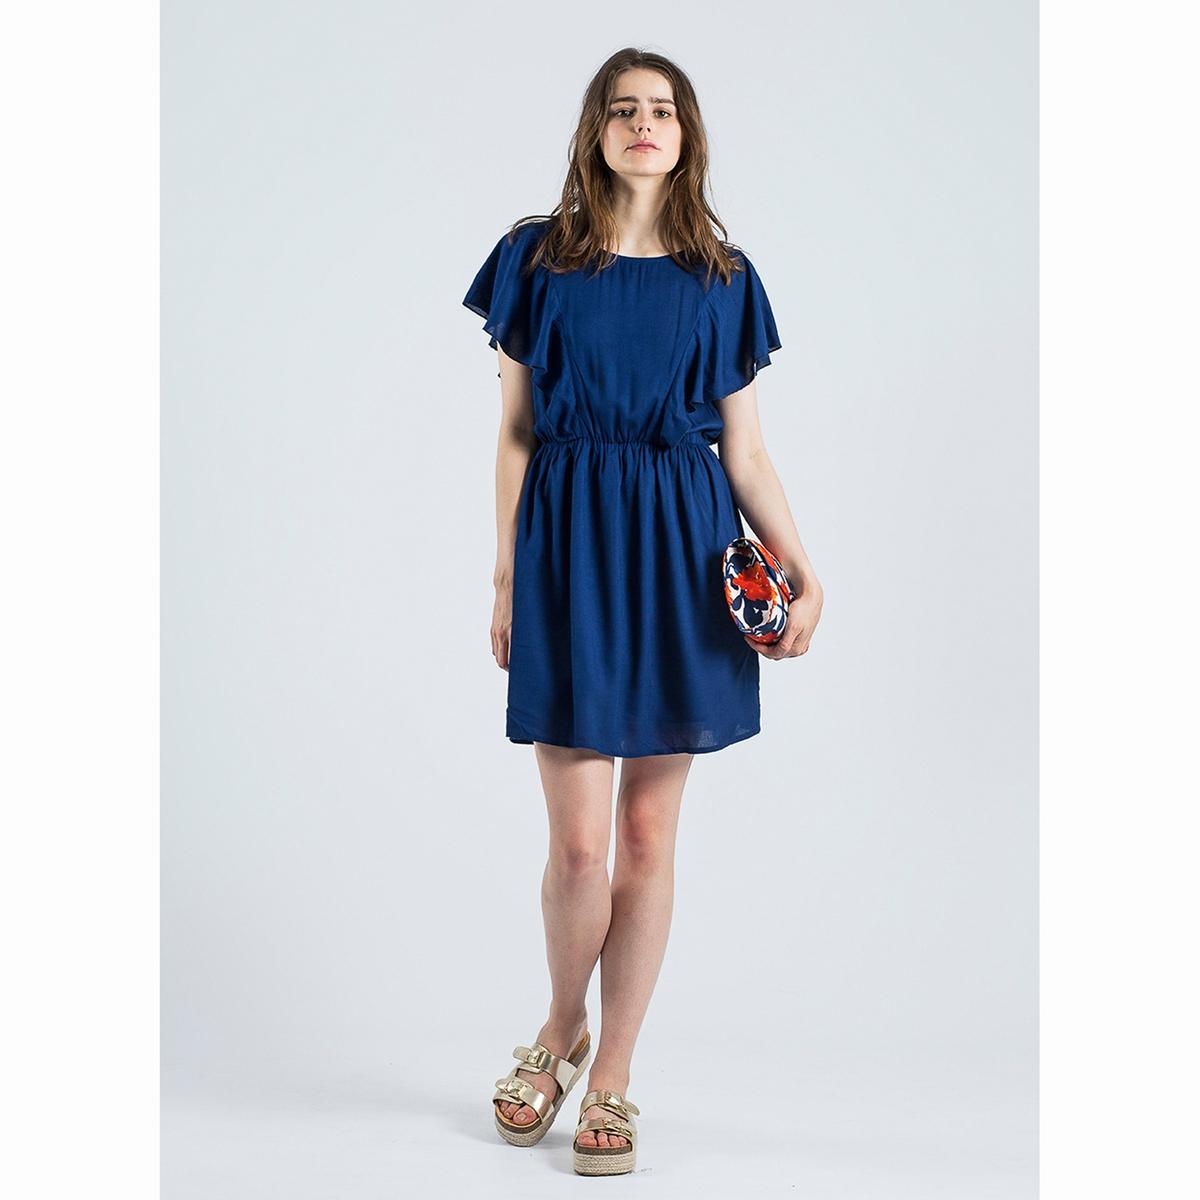 Платье Vestido AzulСостав и описаниеМатериал : 100% вискозаМарка : Compania FantasticaМодель : Vestido AzulУходСледуйте рекомендациям по уходу, указанным на этикетке изделия<br><br>Цвет: темно-синий<br>Размер: S.XL